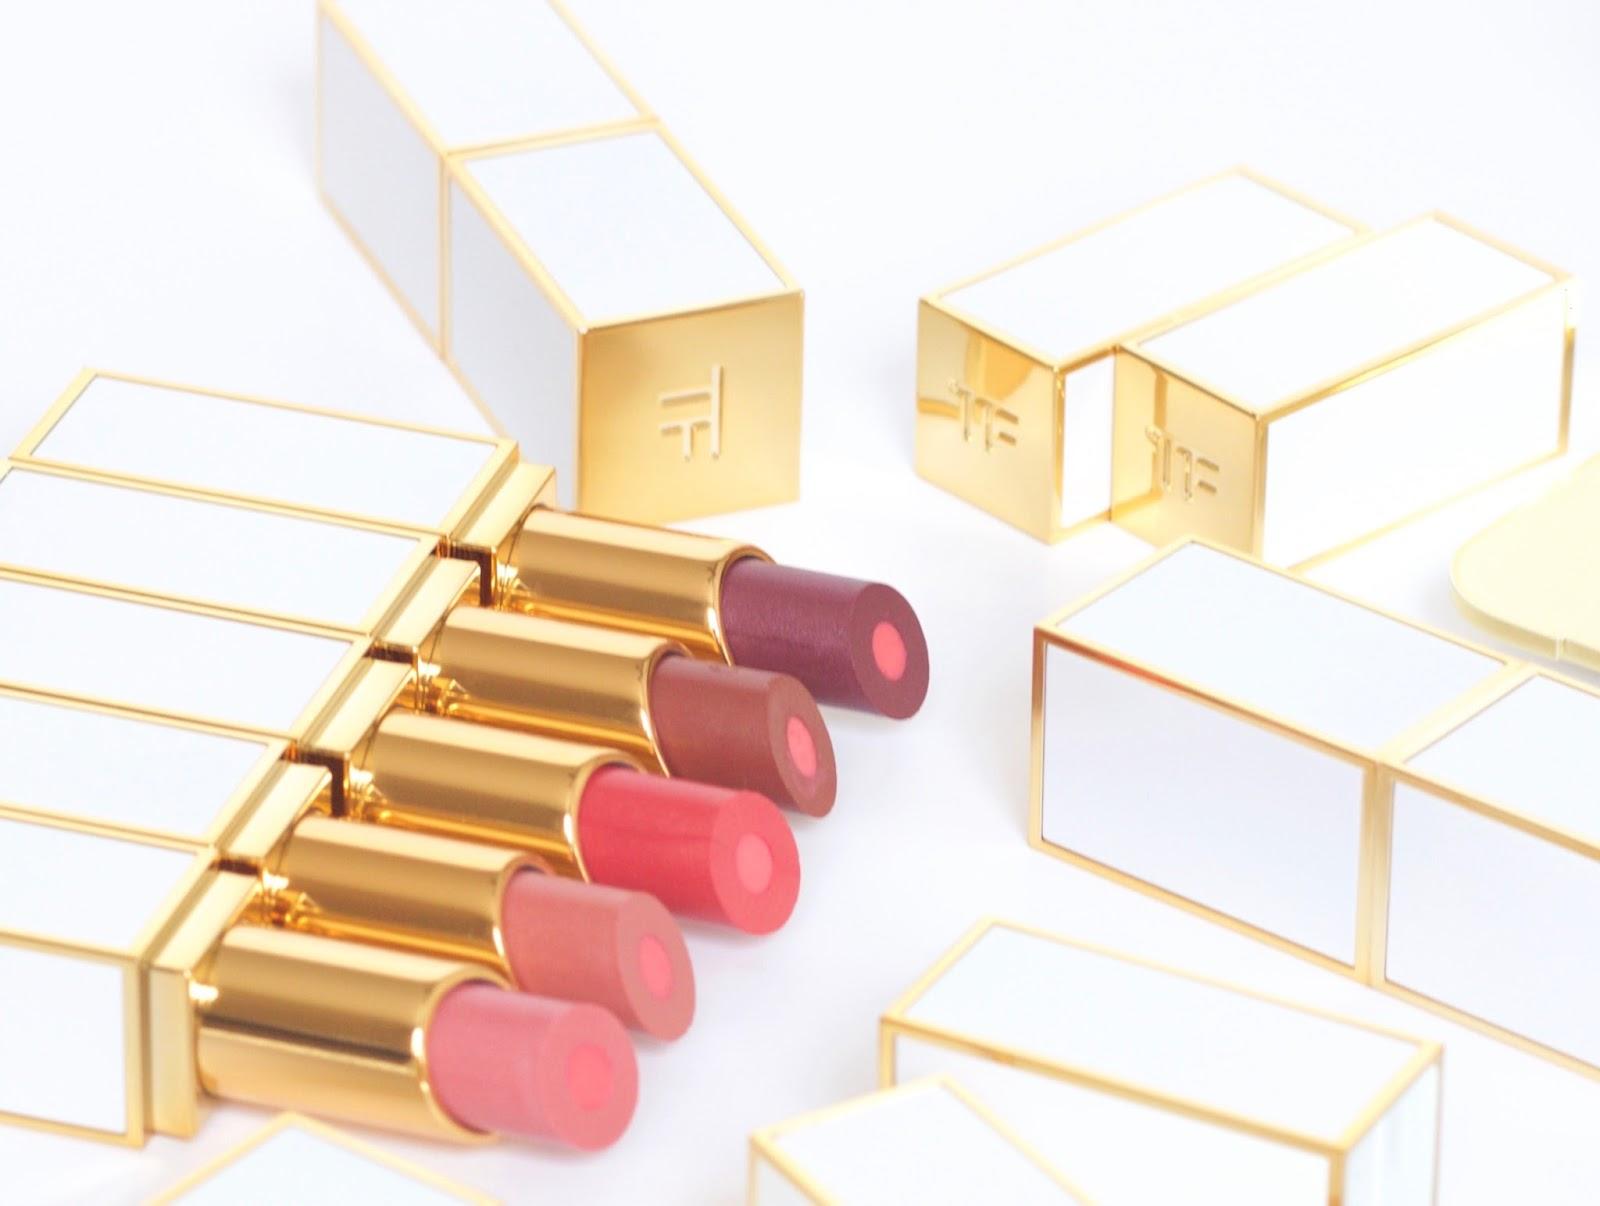 tom ford moisturecore lipstick